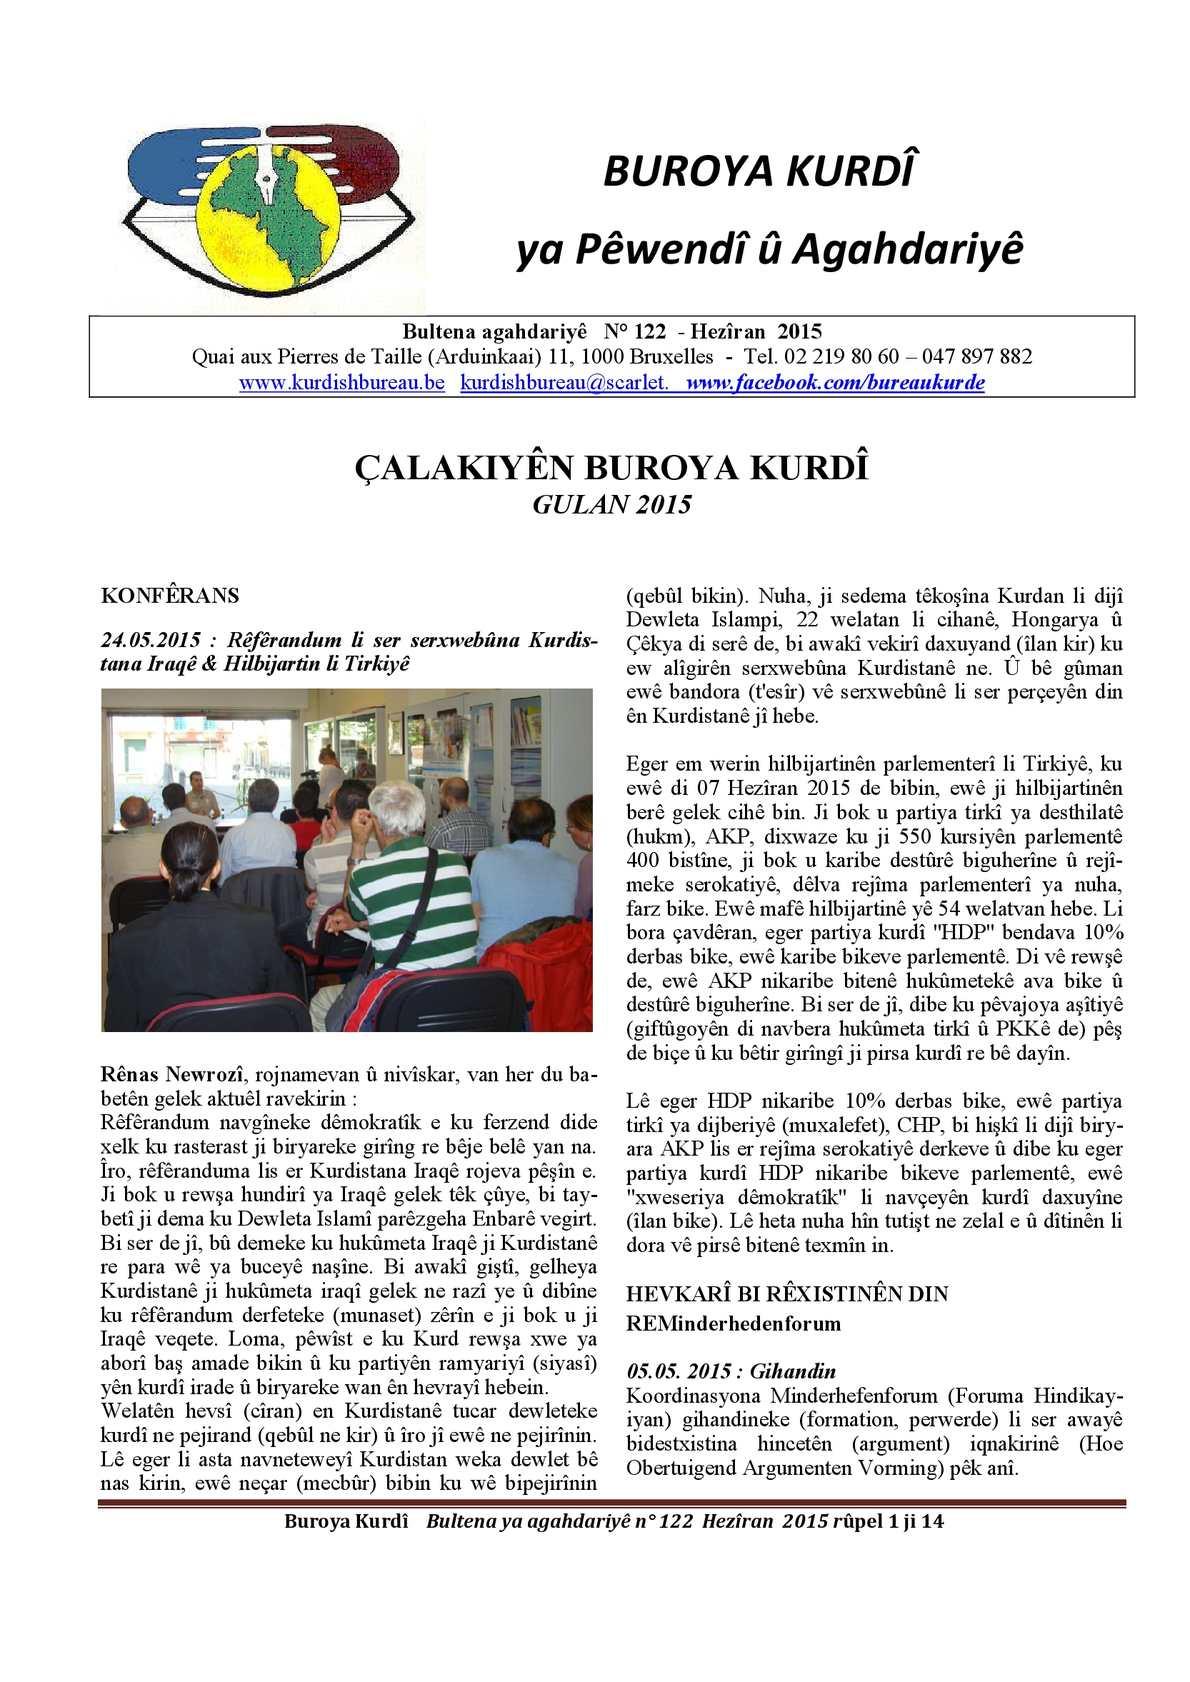 BUROYA KURDÎ  ya Pêwendî  û Agahdariyê 122 06/2015